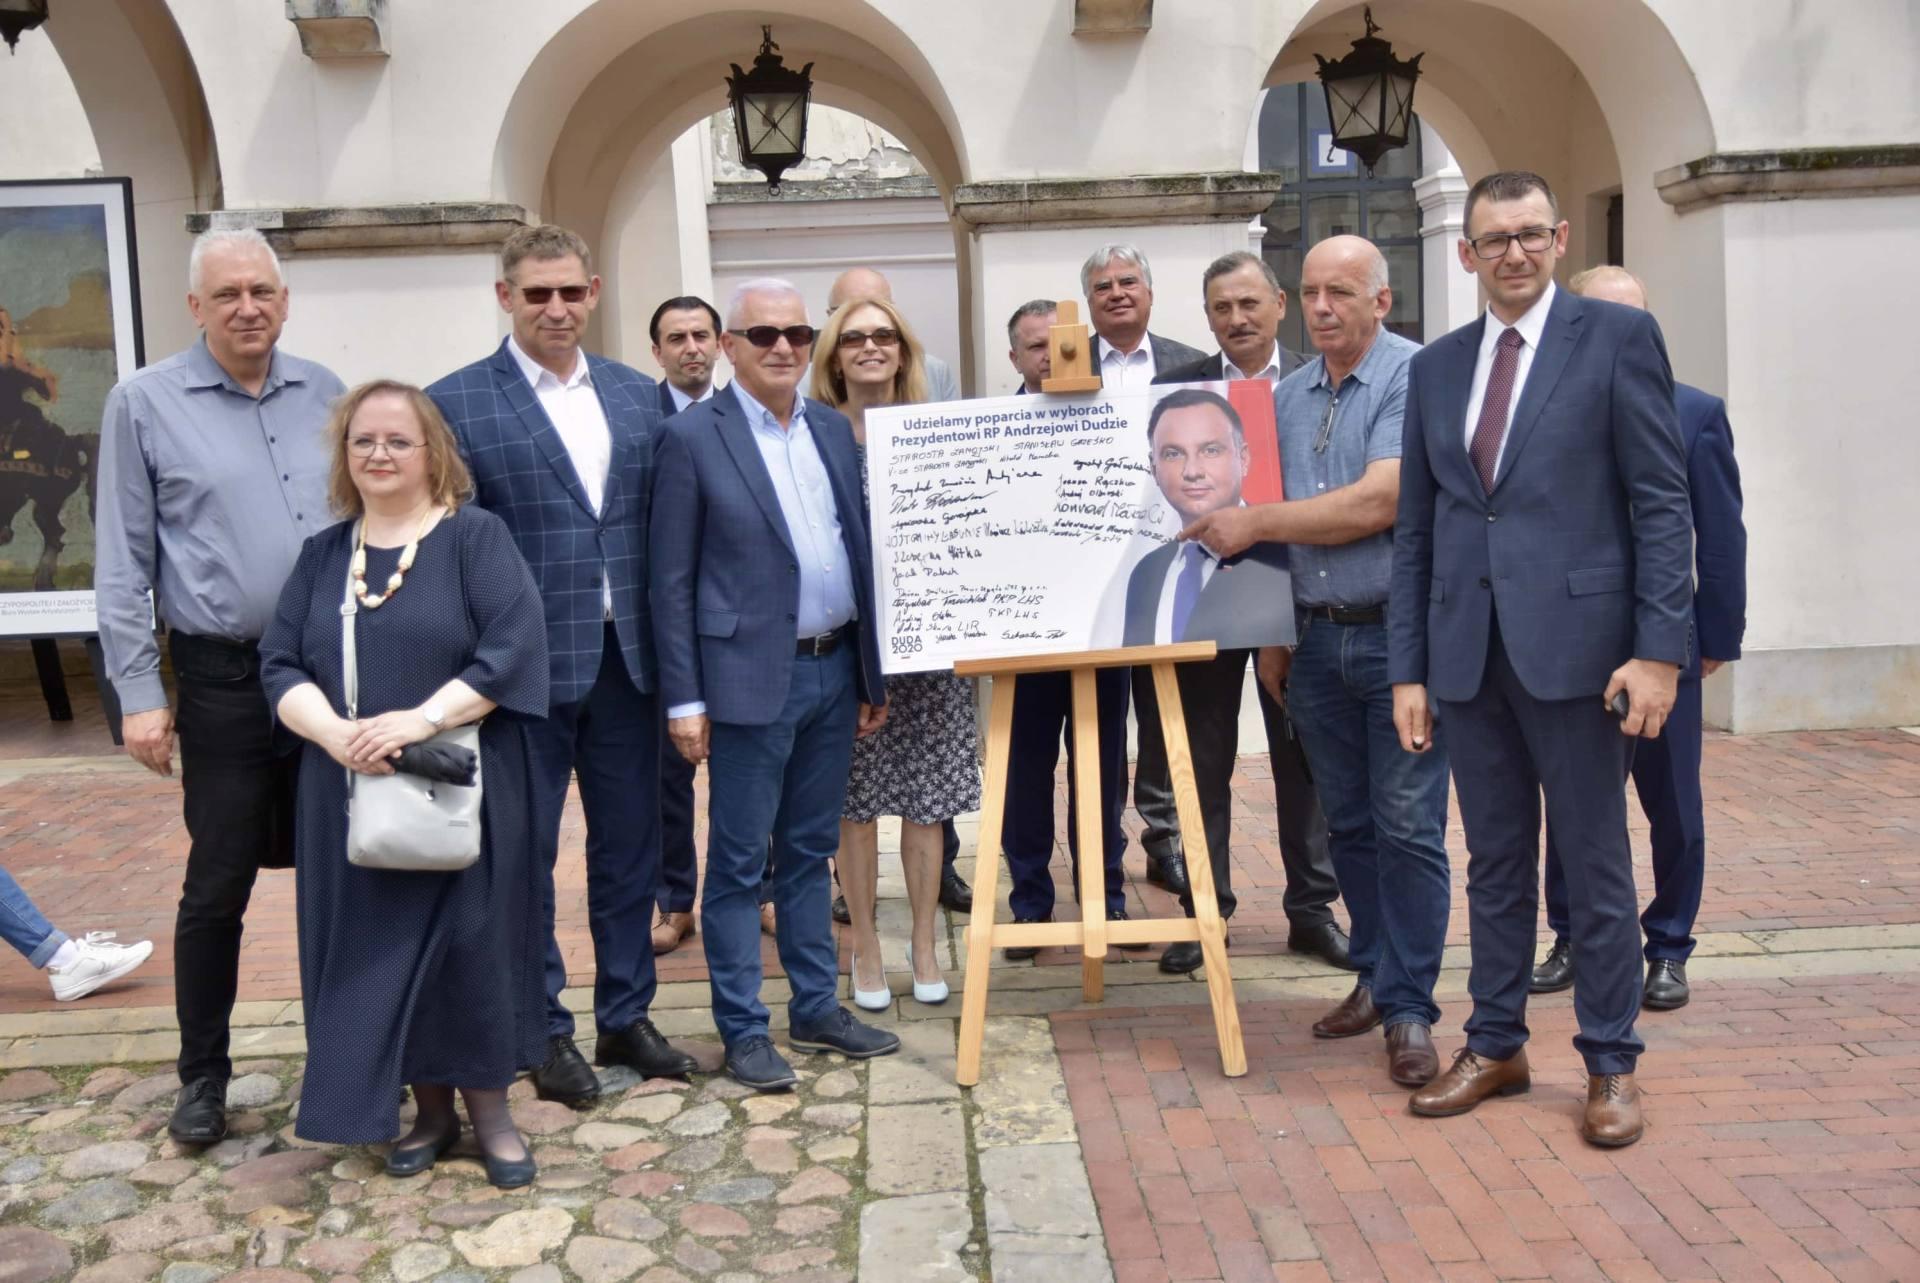 dsc 7809 Zamość: Udzielili poparcia prezydentowi Andrzejowi Dudzie